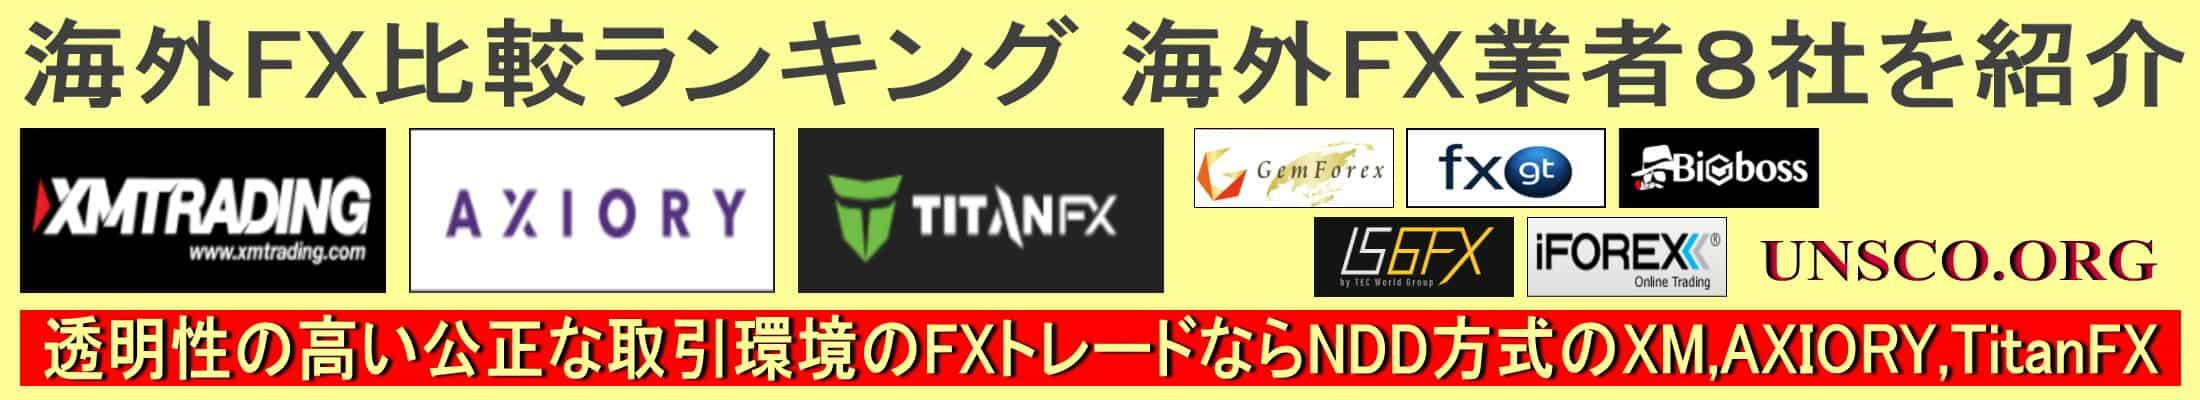 海外FX比較ランキング おすすめの海外FX業者を厳選して紹介